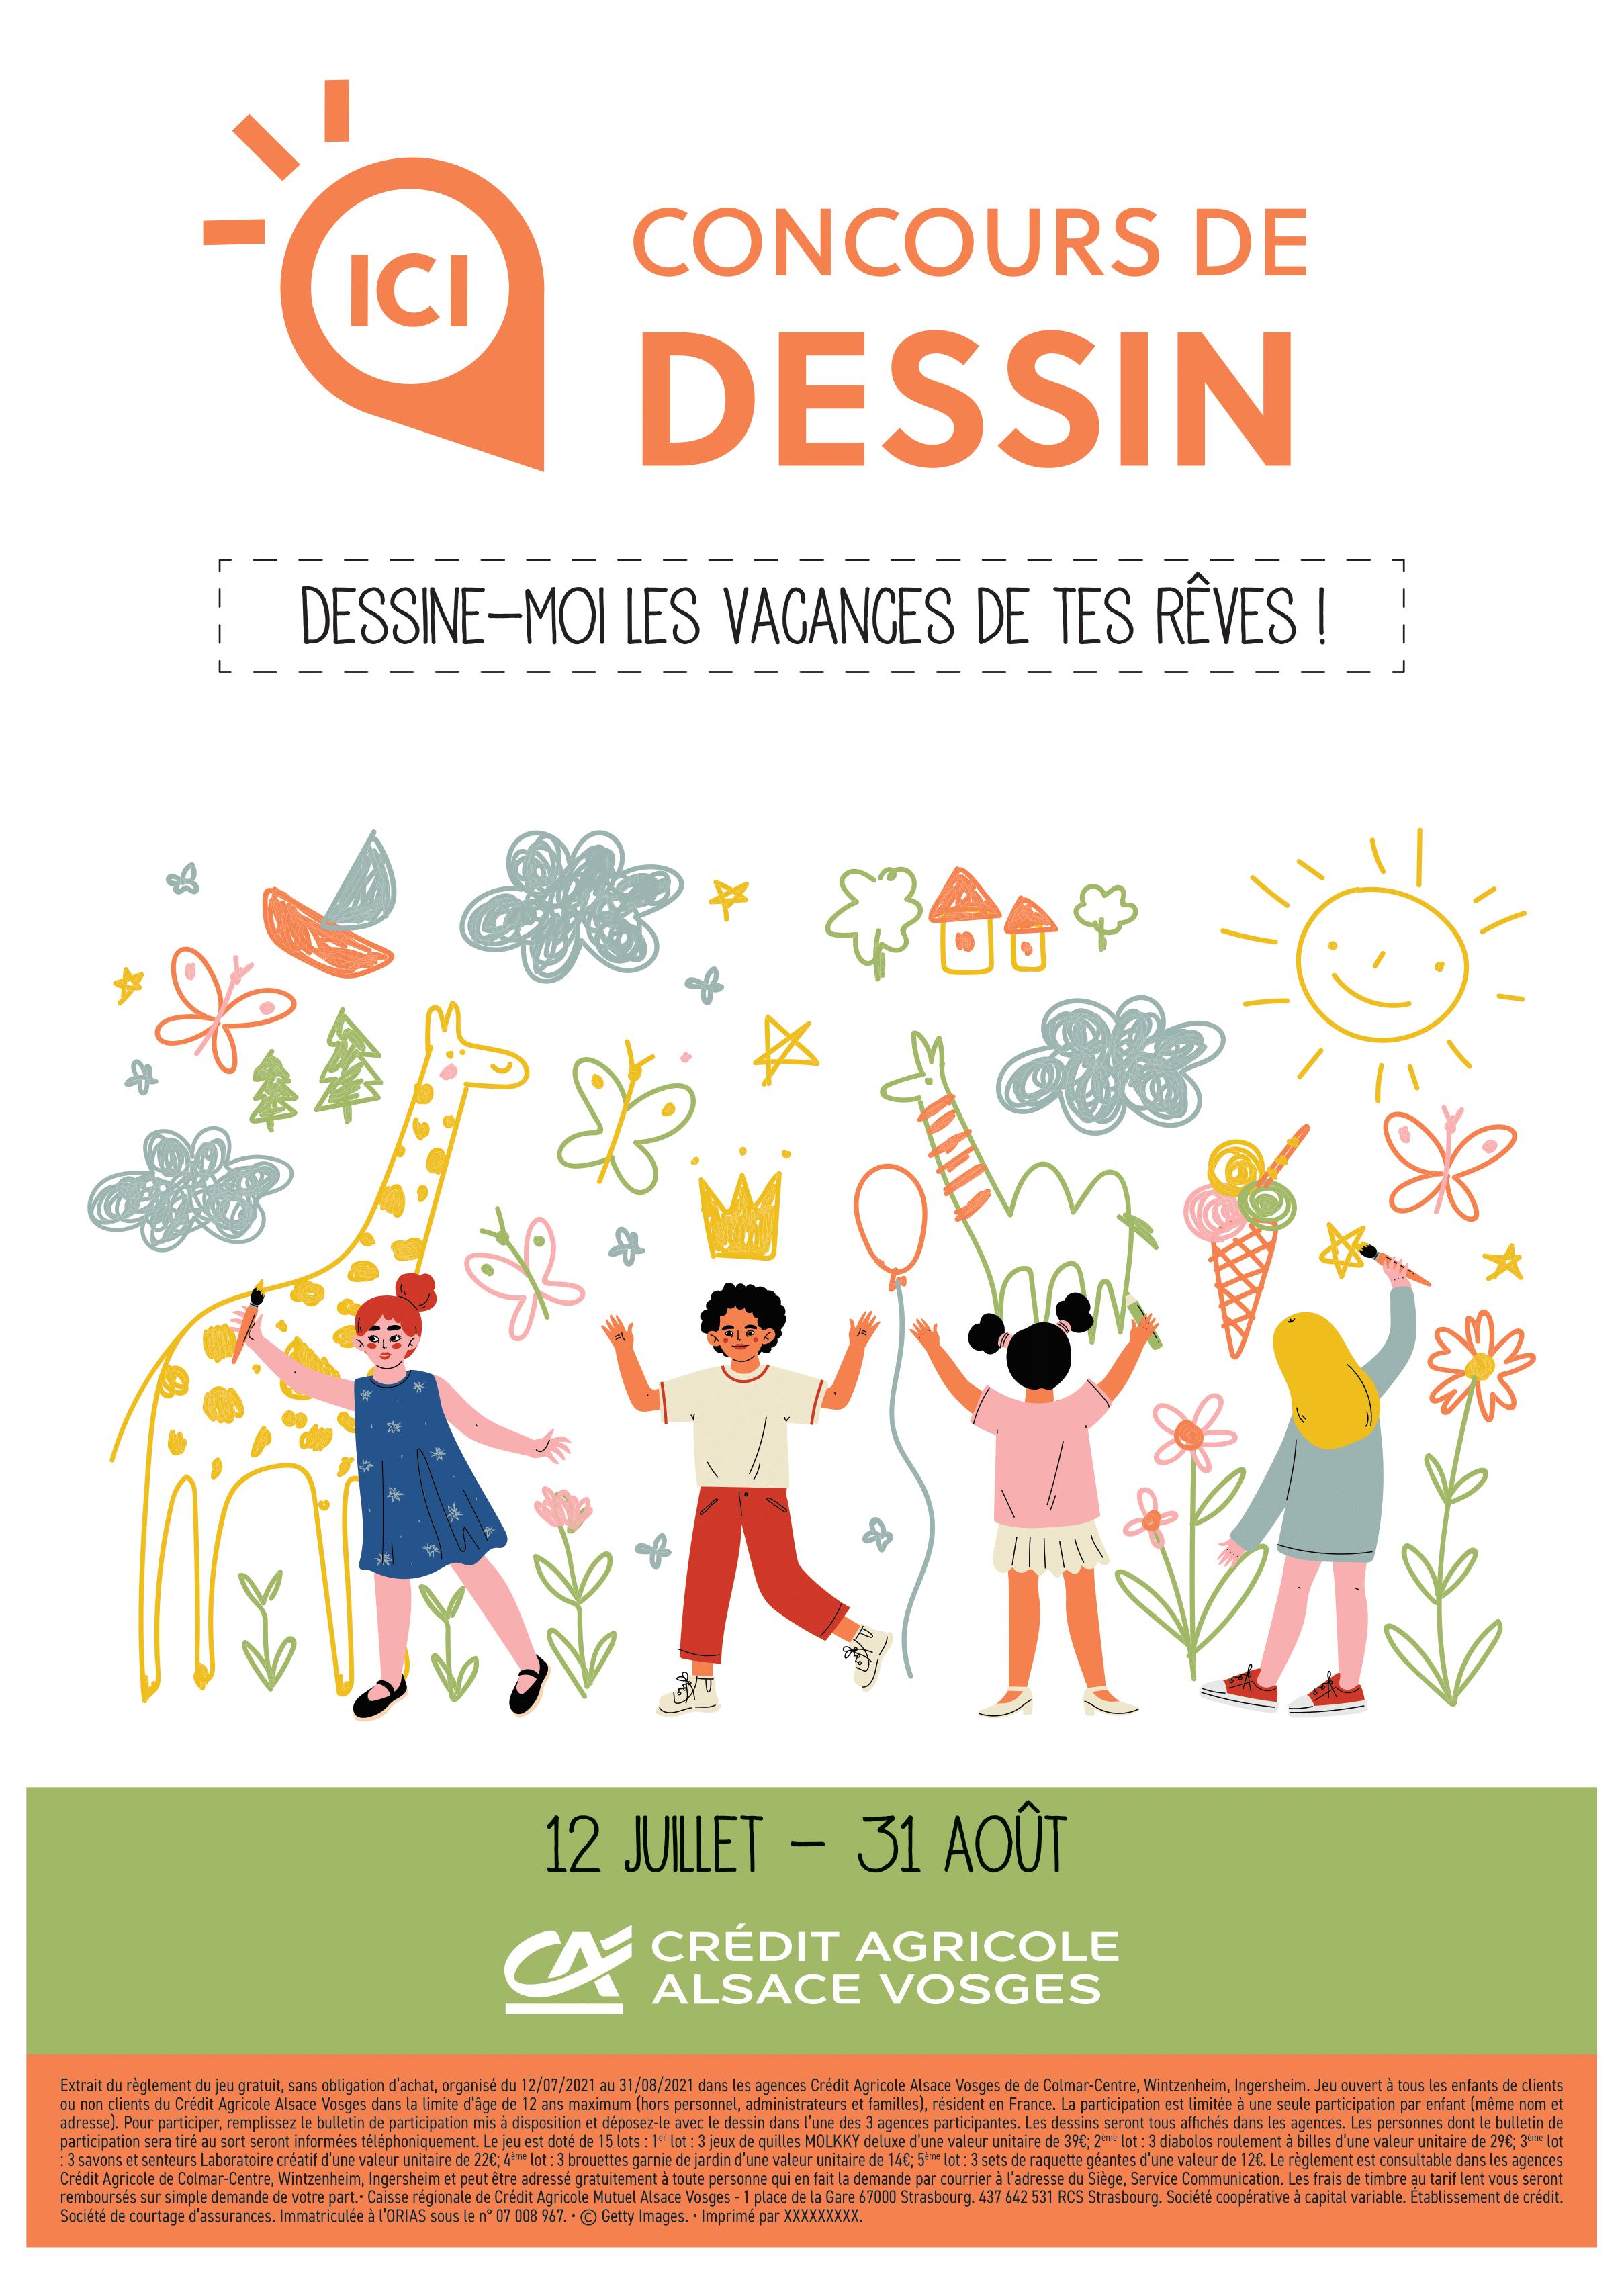 Le concours de dessin «Dessine-moi les vacances de tes rêves»du Crédit Agricole